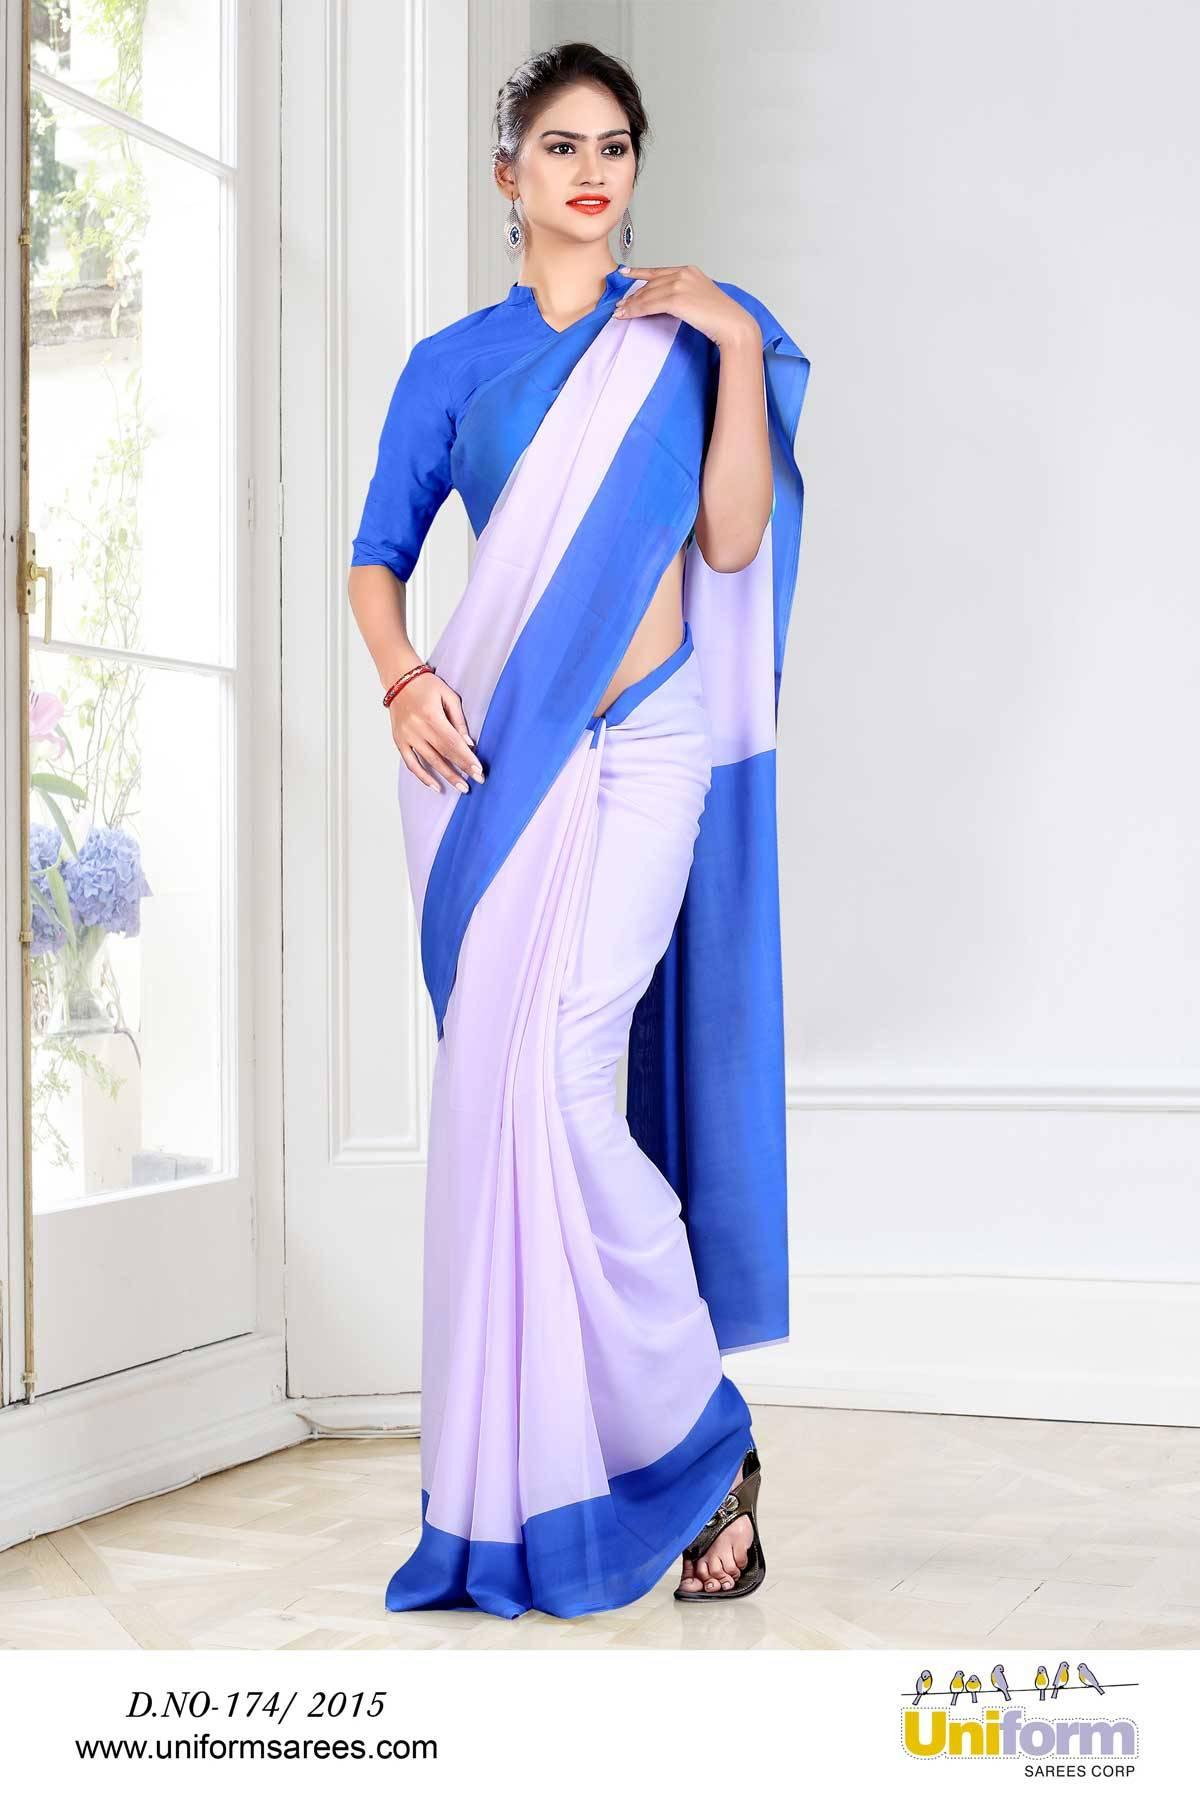 Mother Teresa Sarees | Uniform Design No 174/2015